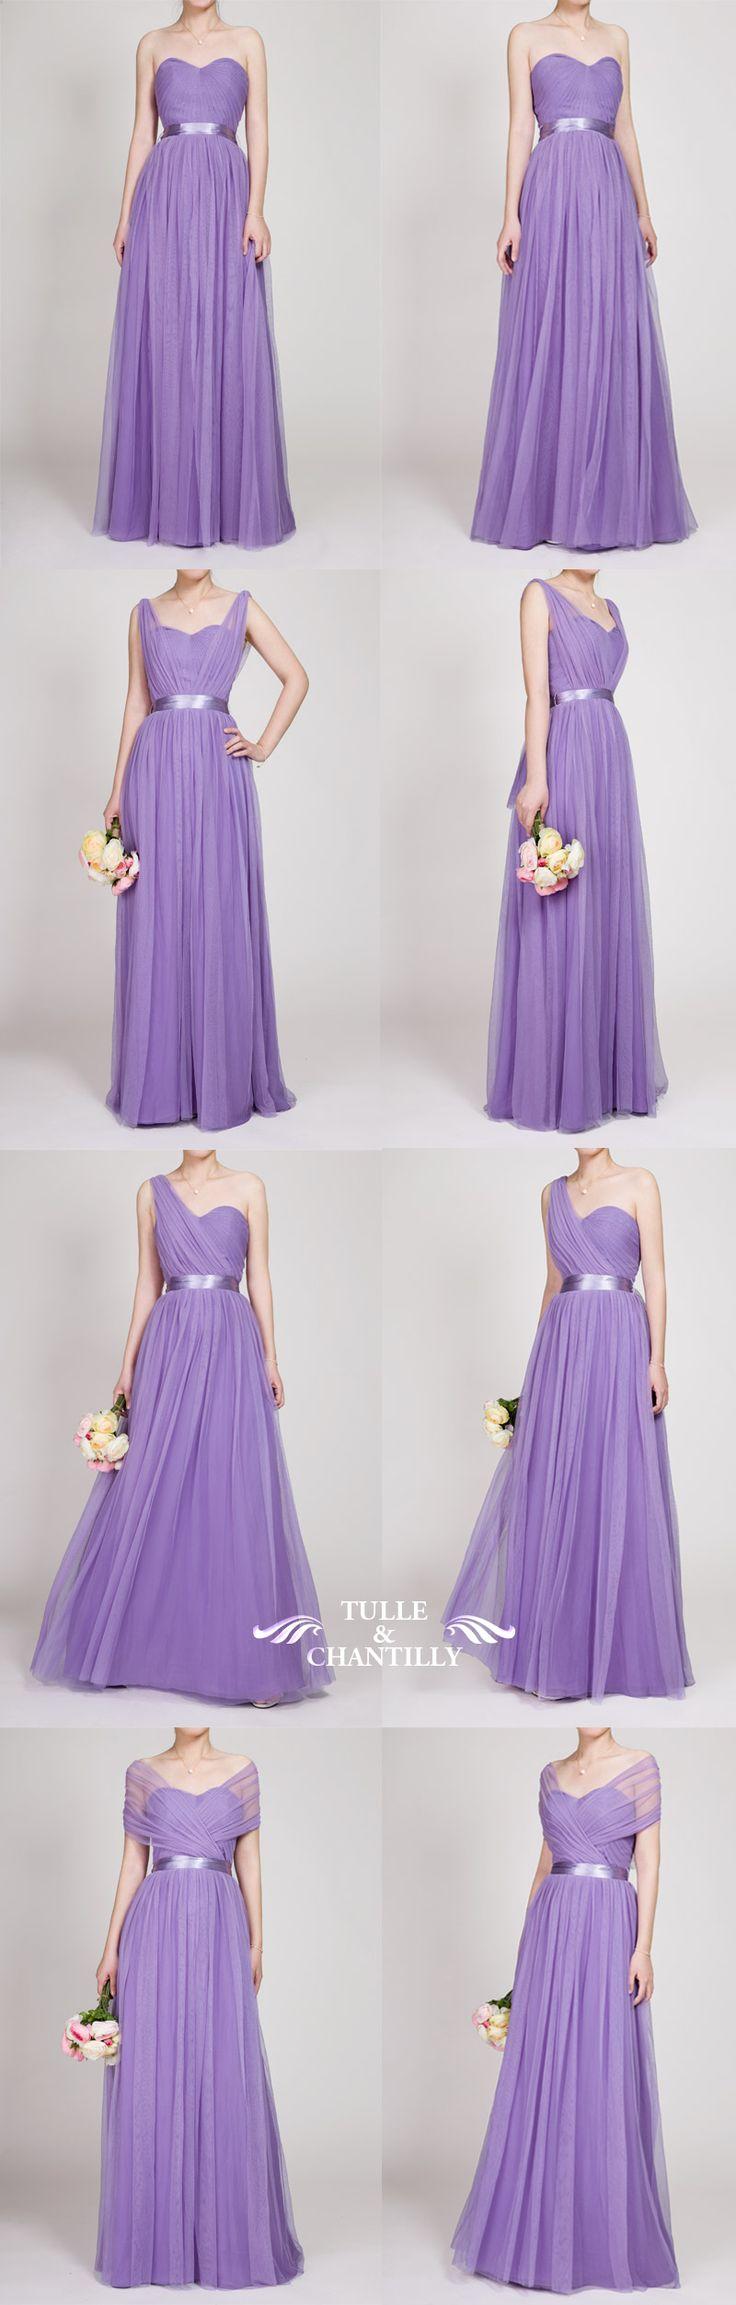 1228 best ♡br¡desma¡ds dresses/br!dal sh♡w€r ¡deas♥ images on ...